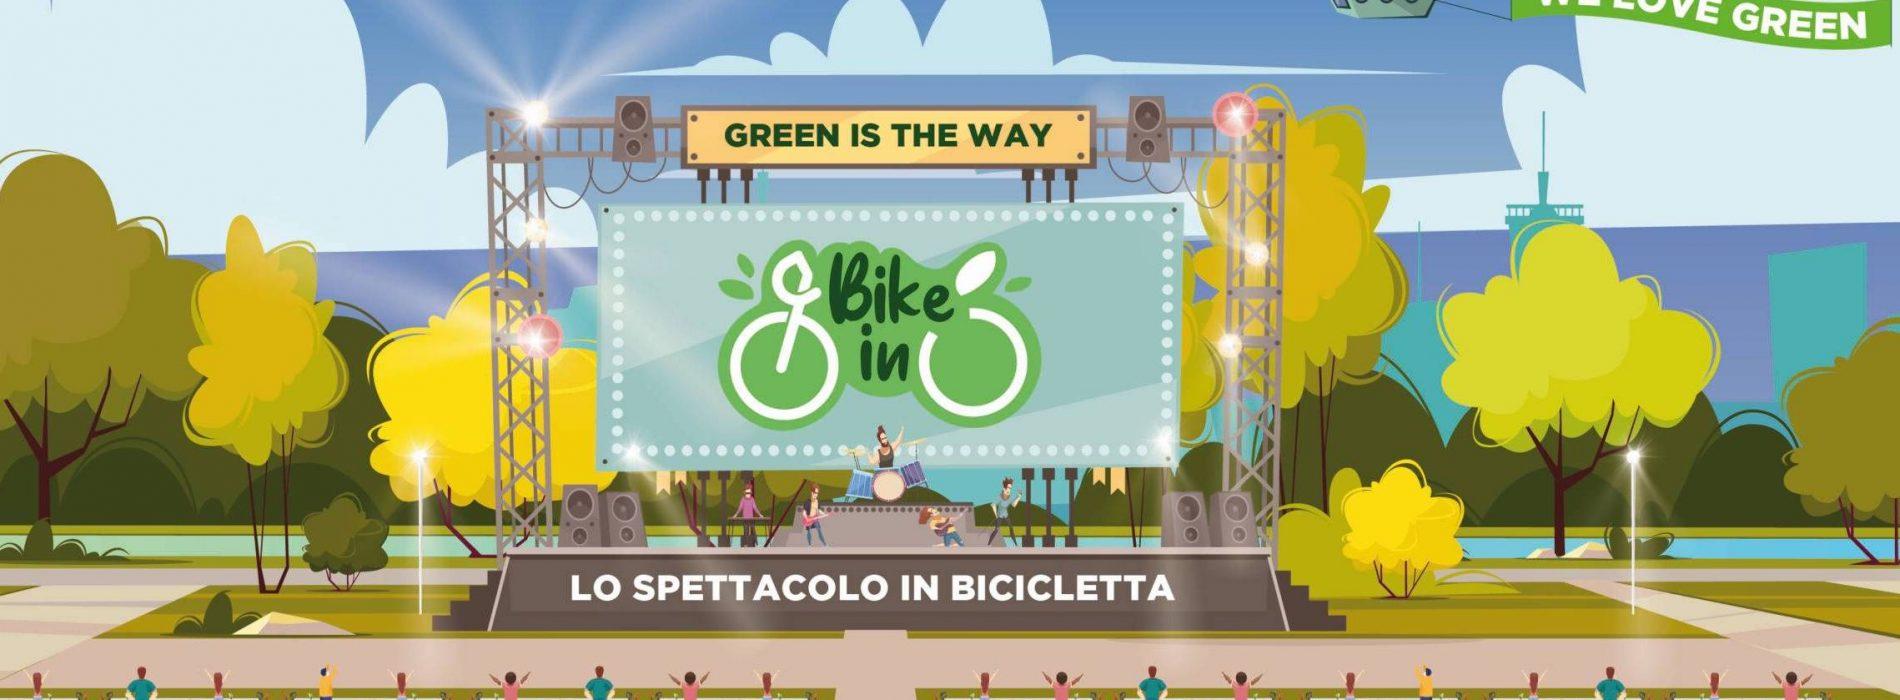 Suona Bike-in, festival eco friendly per la prima volta a Napoli